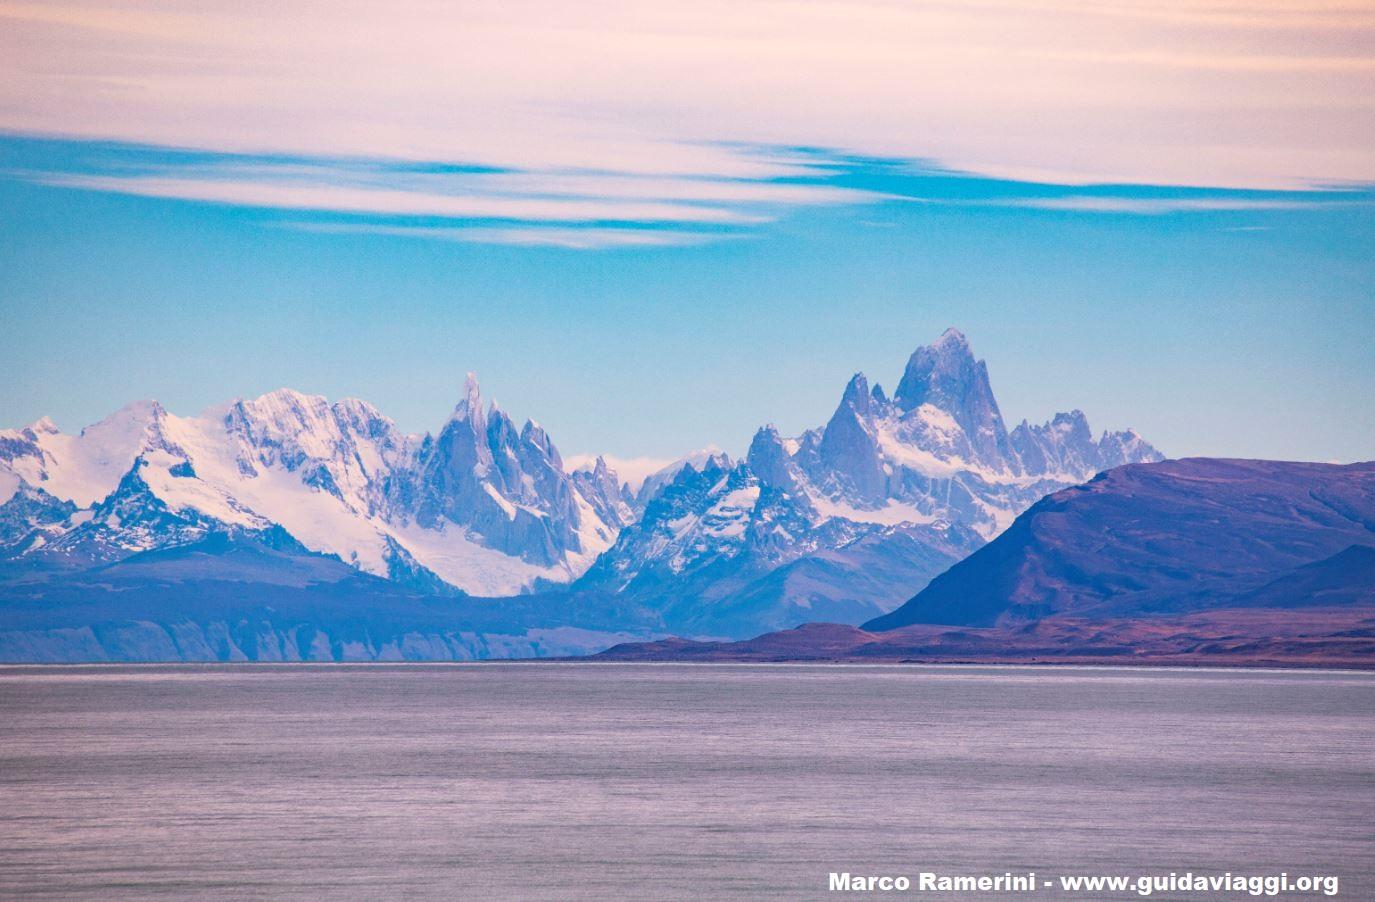 Il Cerro Torre e il Monte Fotz Roy visti dal Lago Viedma vicino a La Leona, Argentina. Autore e Copyright Marco Ramerini